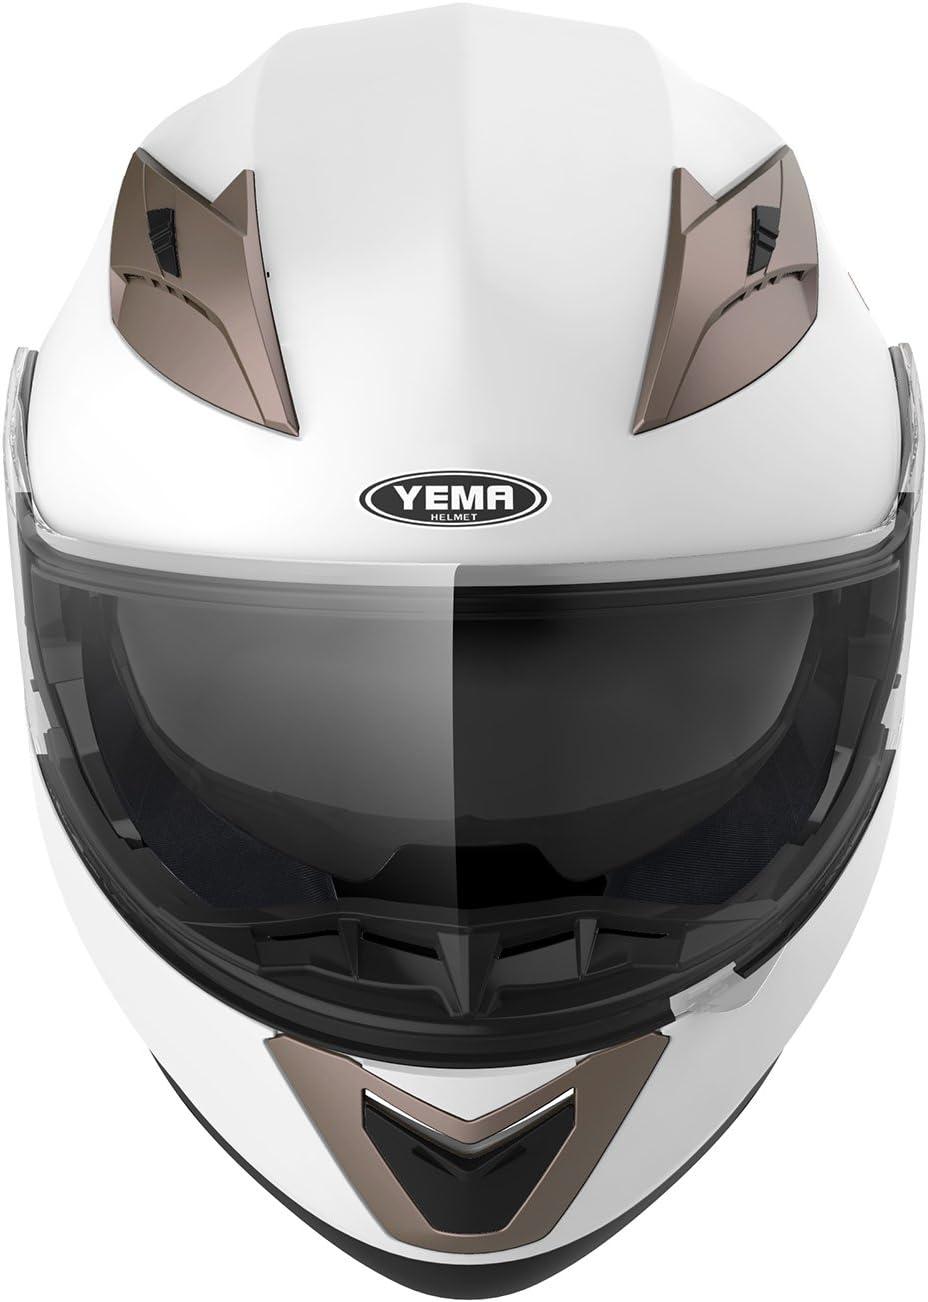 Yema YM-925 Rollerhelm Sturzhelm mit Doppelvisier Sonnenblende ECE f/ür Damen Herren Erwachsene-Schwarz Matt-XL Motorradhelm Klapphelm Integralhelm Fullface Helm